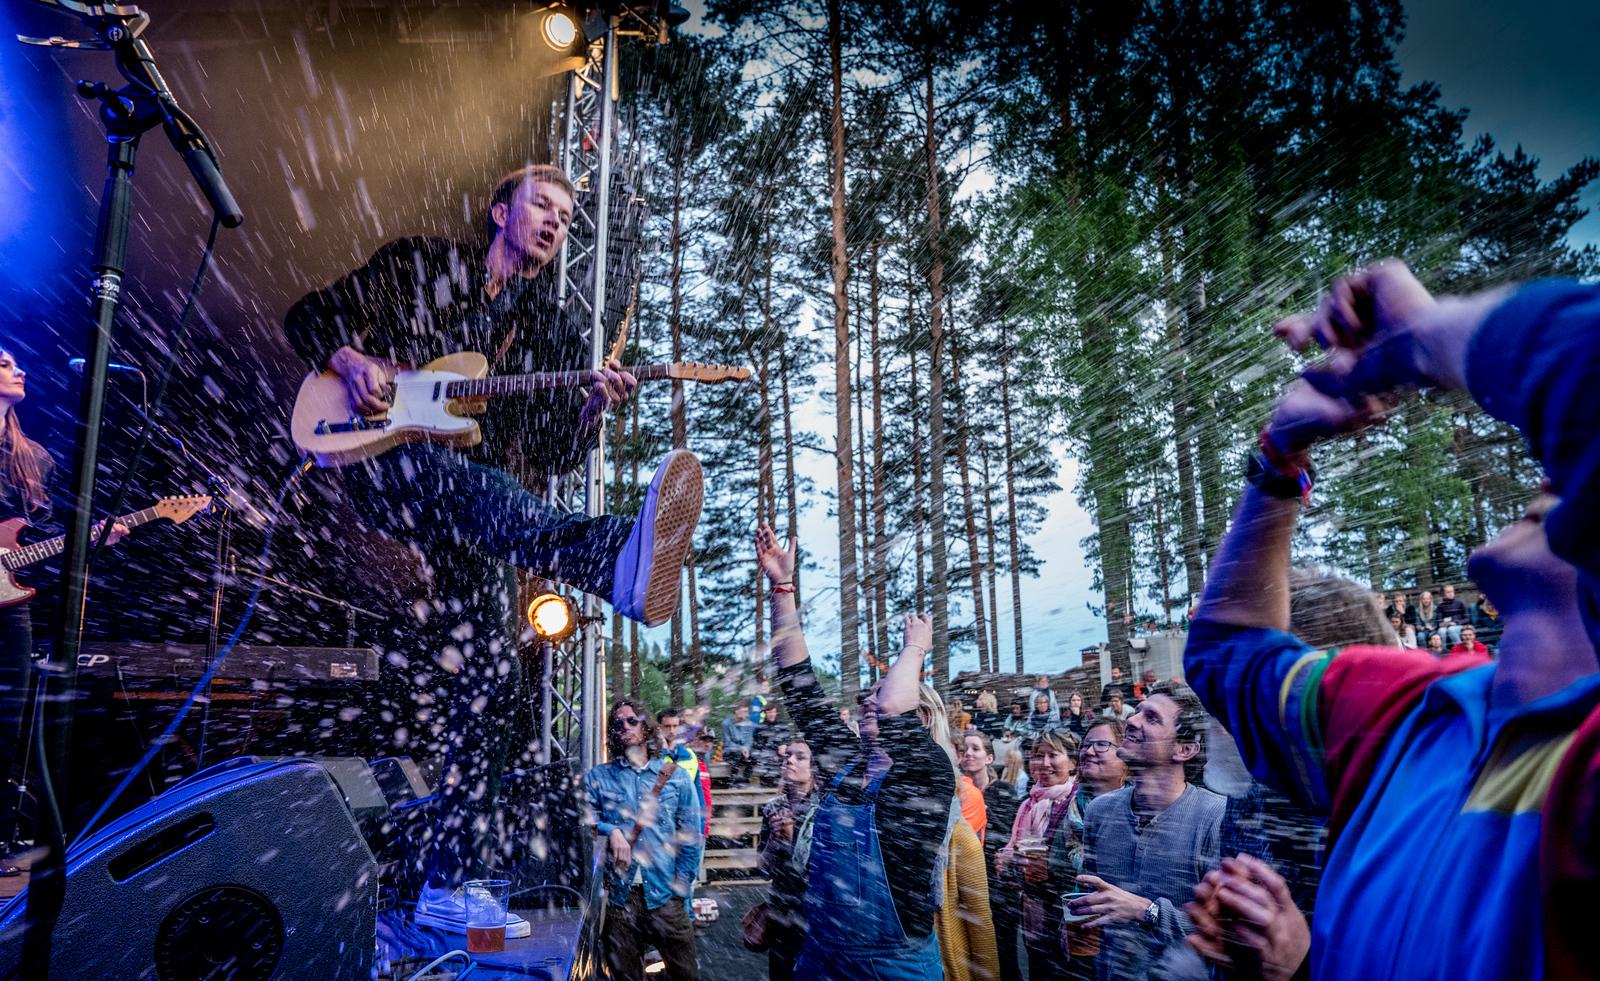 """Var på Heimover festivalen på Åmli i går. en lokal festival med stor sjarm der """"Jonas Alaskas famile er primus motorer.<br /> Se bildene her : <a href=""""https://ihlefoto.smugmug.com/Musikk/Musikkfestivaler/Heimoverfestivalen"""">https://ihlefoto.smugmug.com/Musikk/Musikkfestivaler/Heimoverfestivalen</a>-Åmli-100617/"""